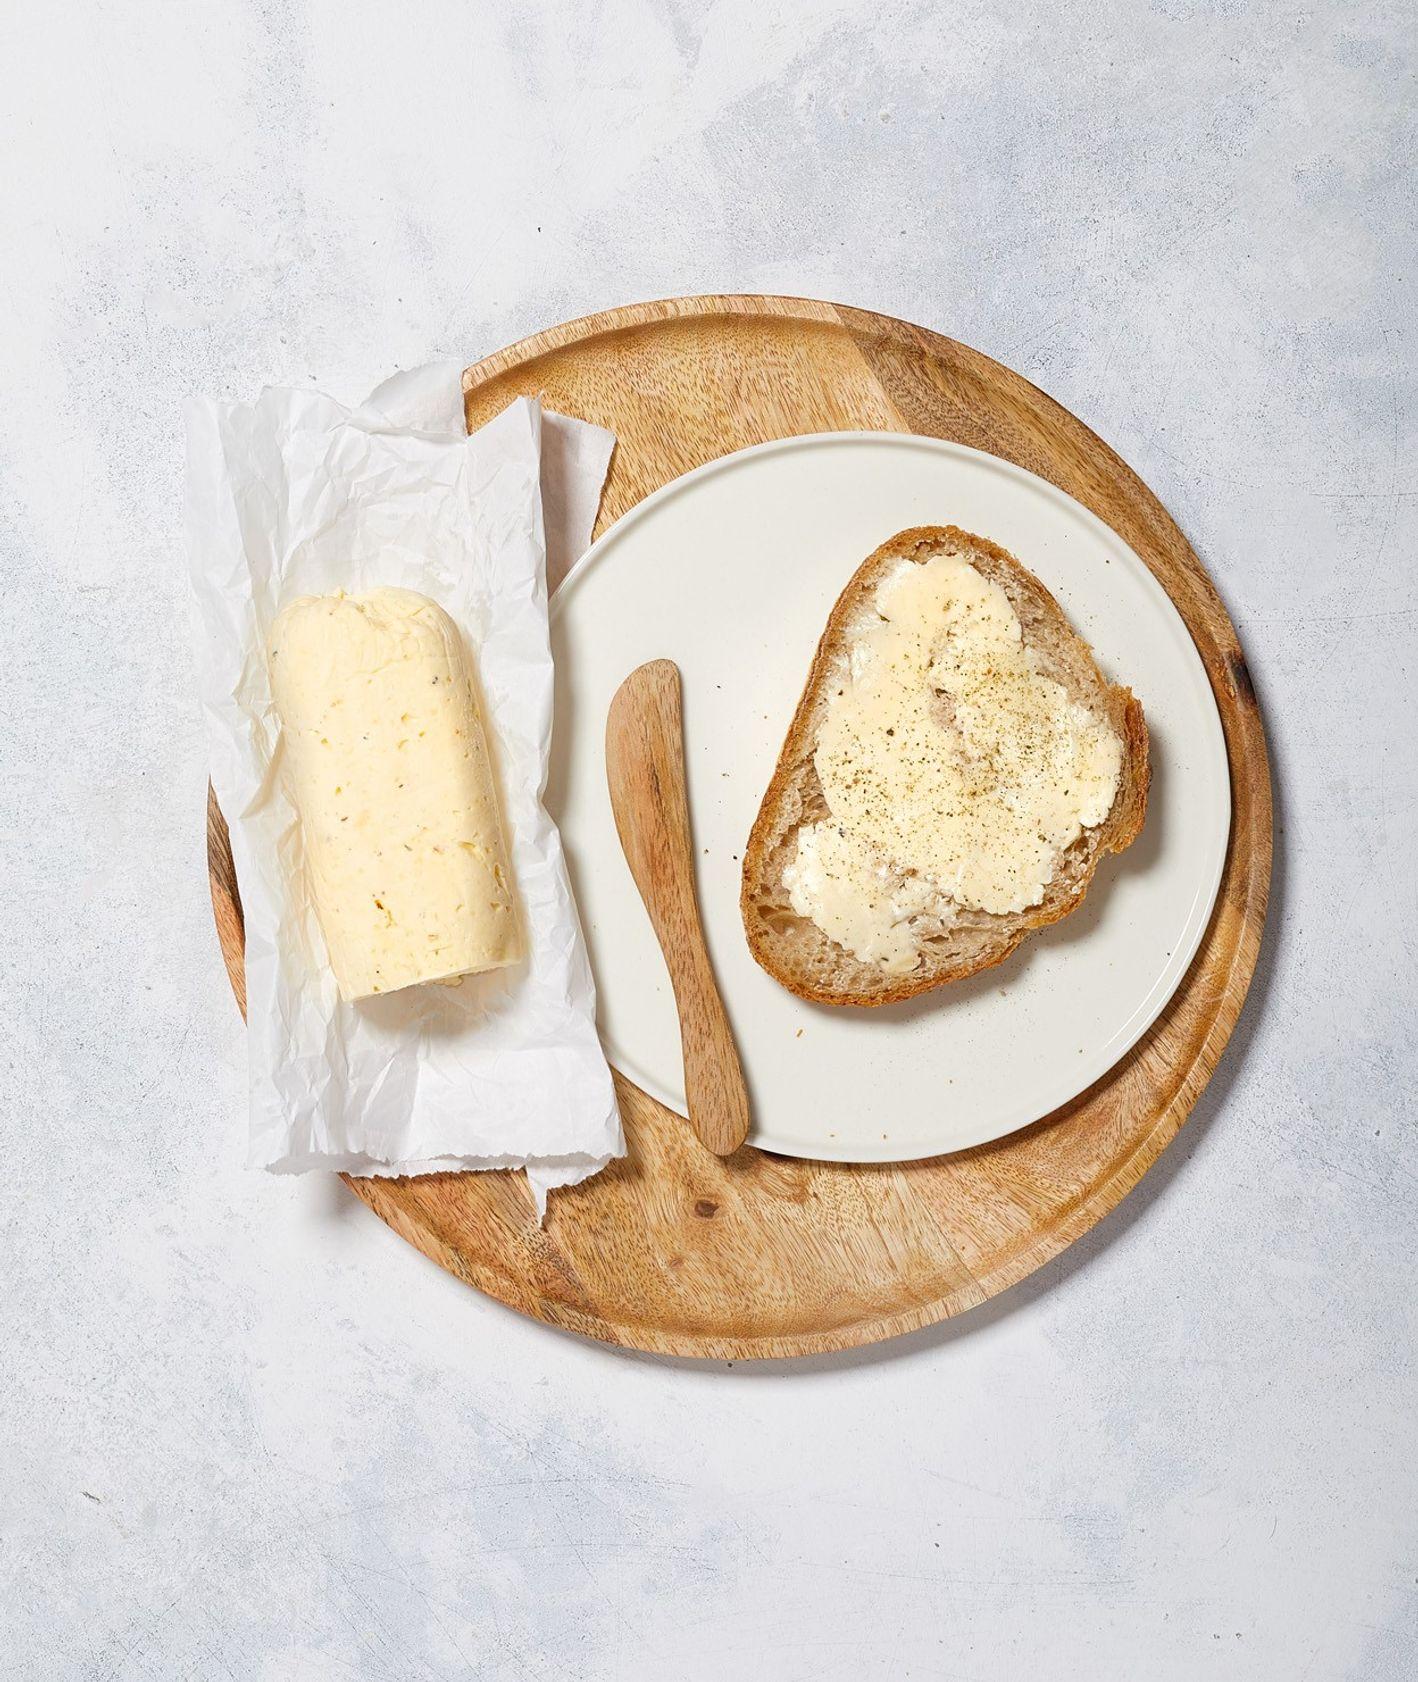 Klasyczne masło solone z gruboziarnistą solą morską i ze świeżo mielonym czarnym pieprzem